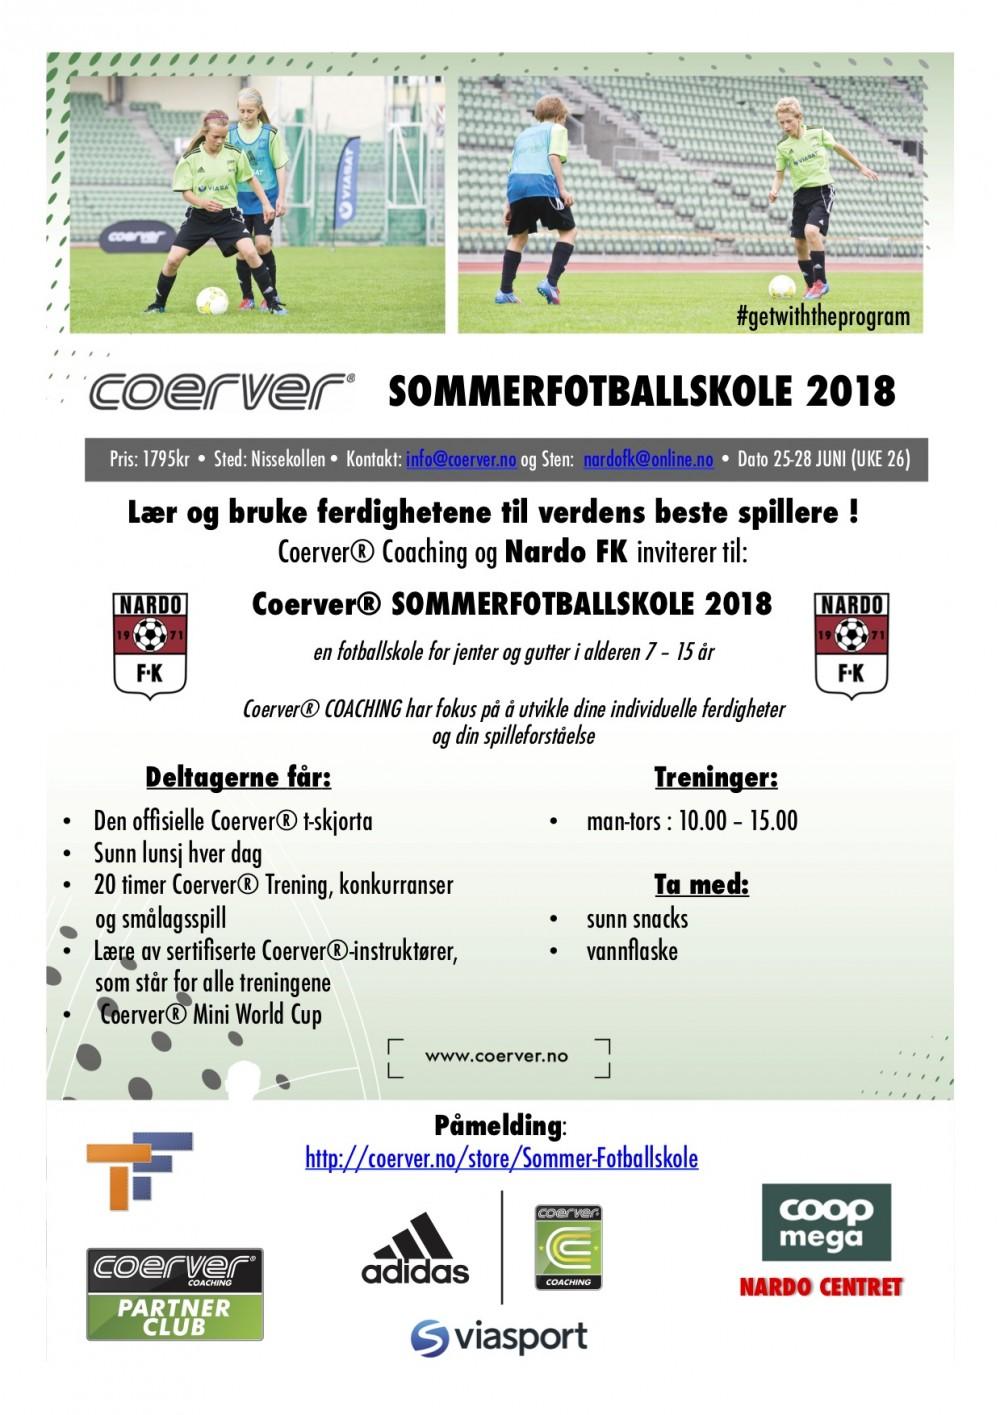 Coerver Sommerfotballskole hos Nardo FK 2003-2011